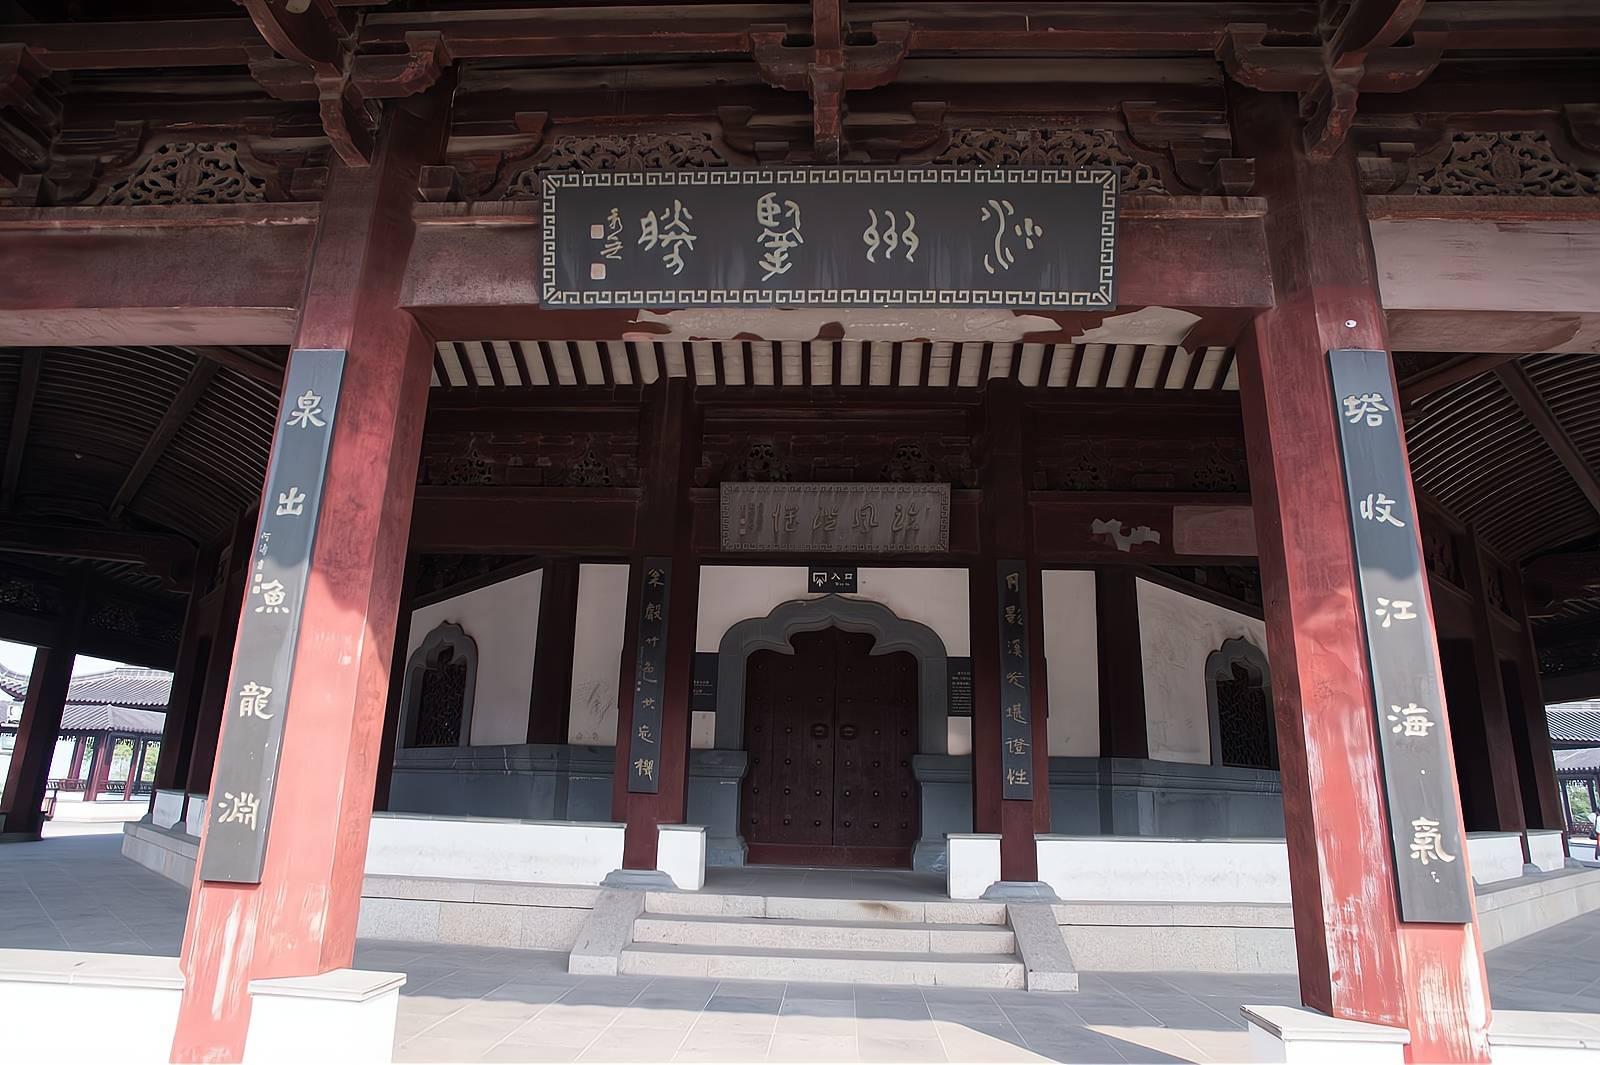 原创             它是张家港第一高山,与北京香山同名,乾隆帝、西施都曾来过